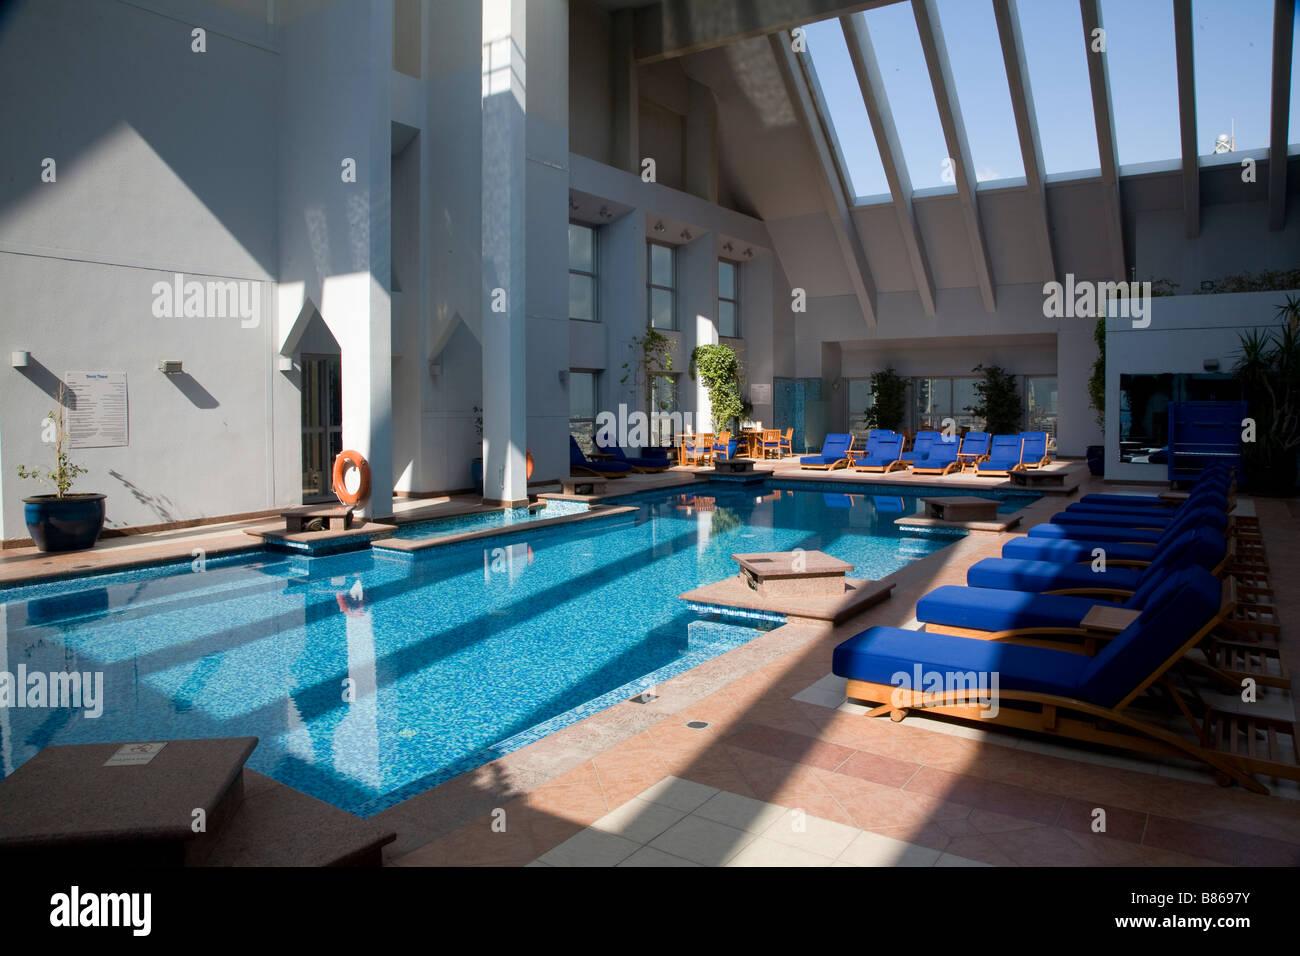 INDOOR / OUTDOOR ROOF SWIMMING POOL DUSIT HOTEL UAE DUBAI Stock ...